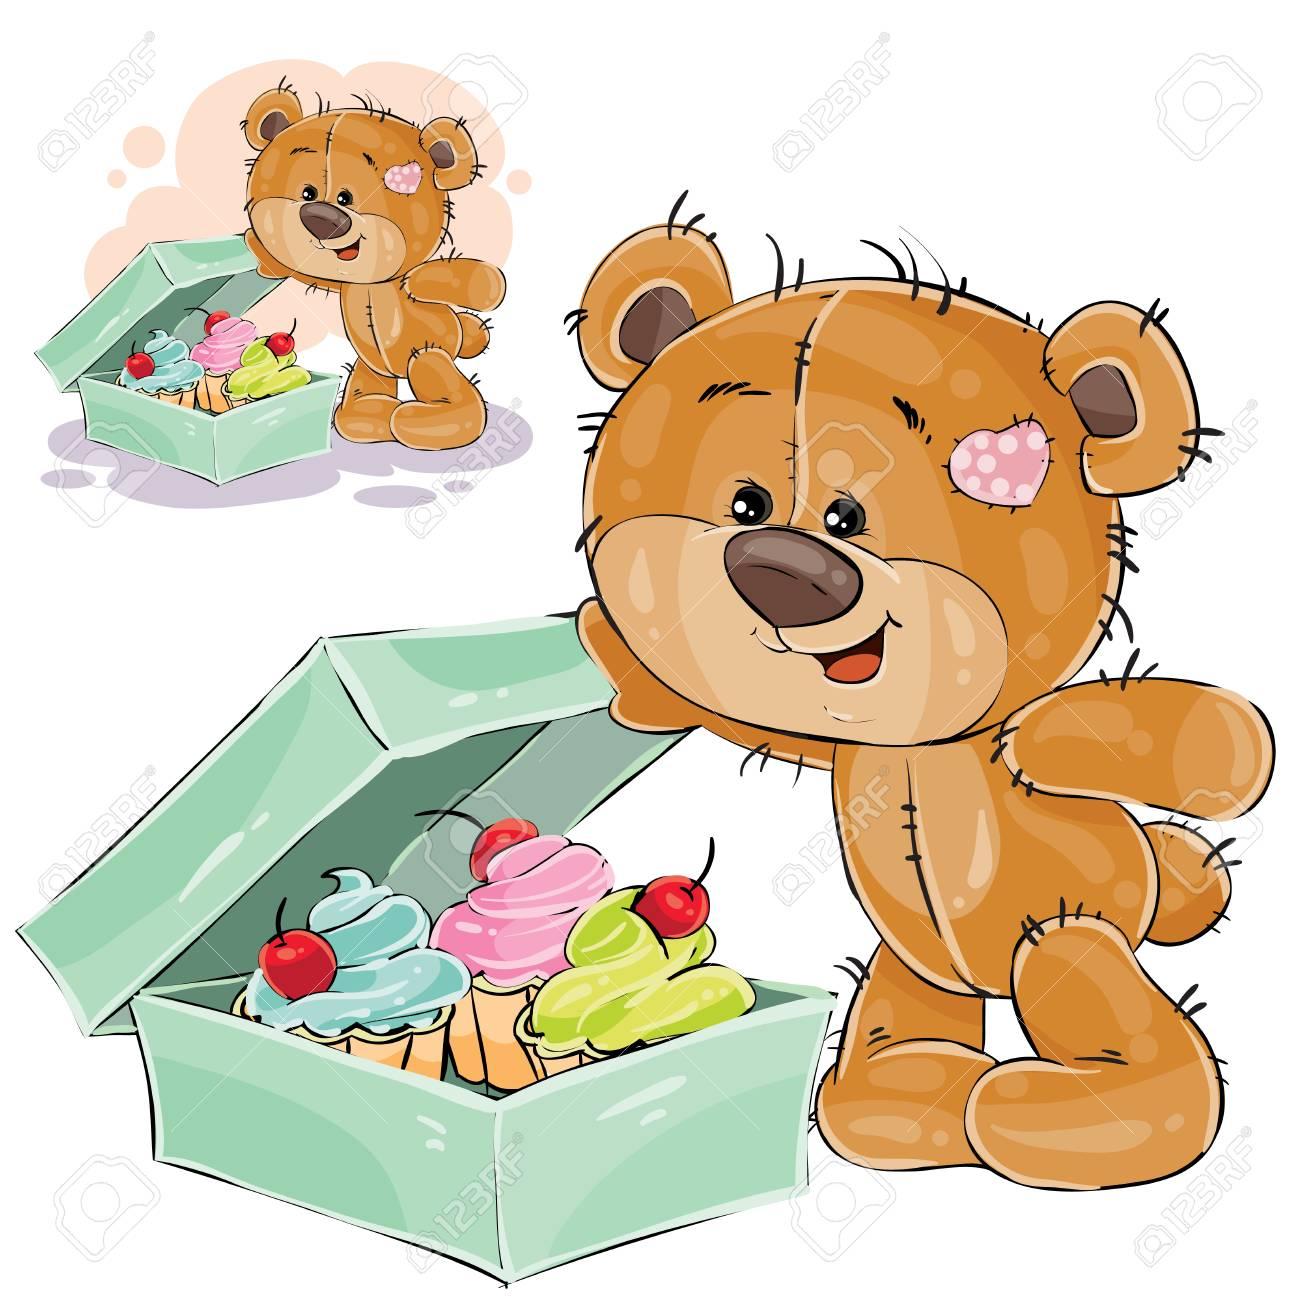 Vektor Illustration Eines Braunen Teddybarnusses Offnete Einen